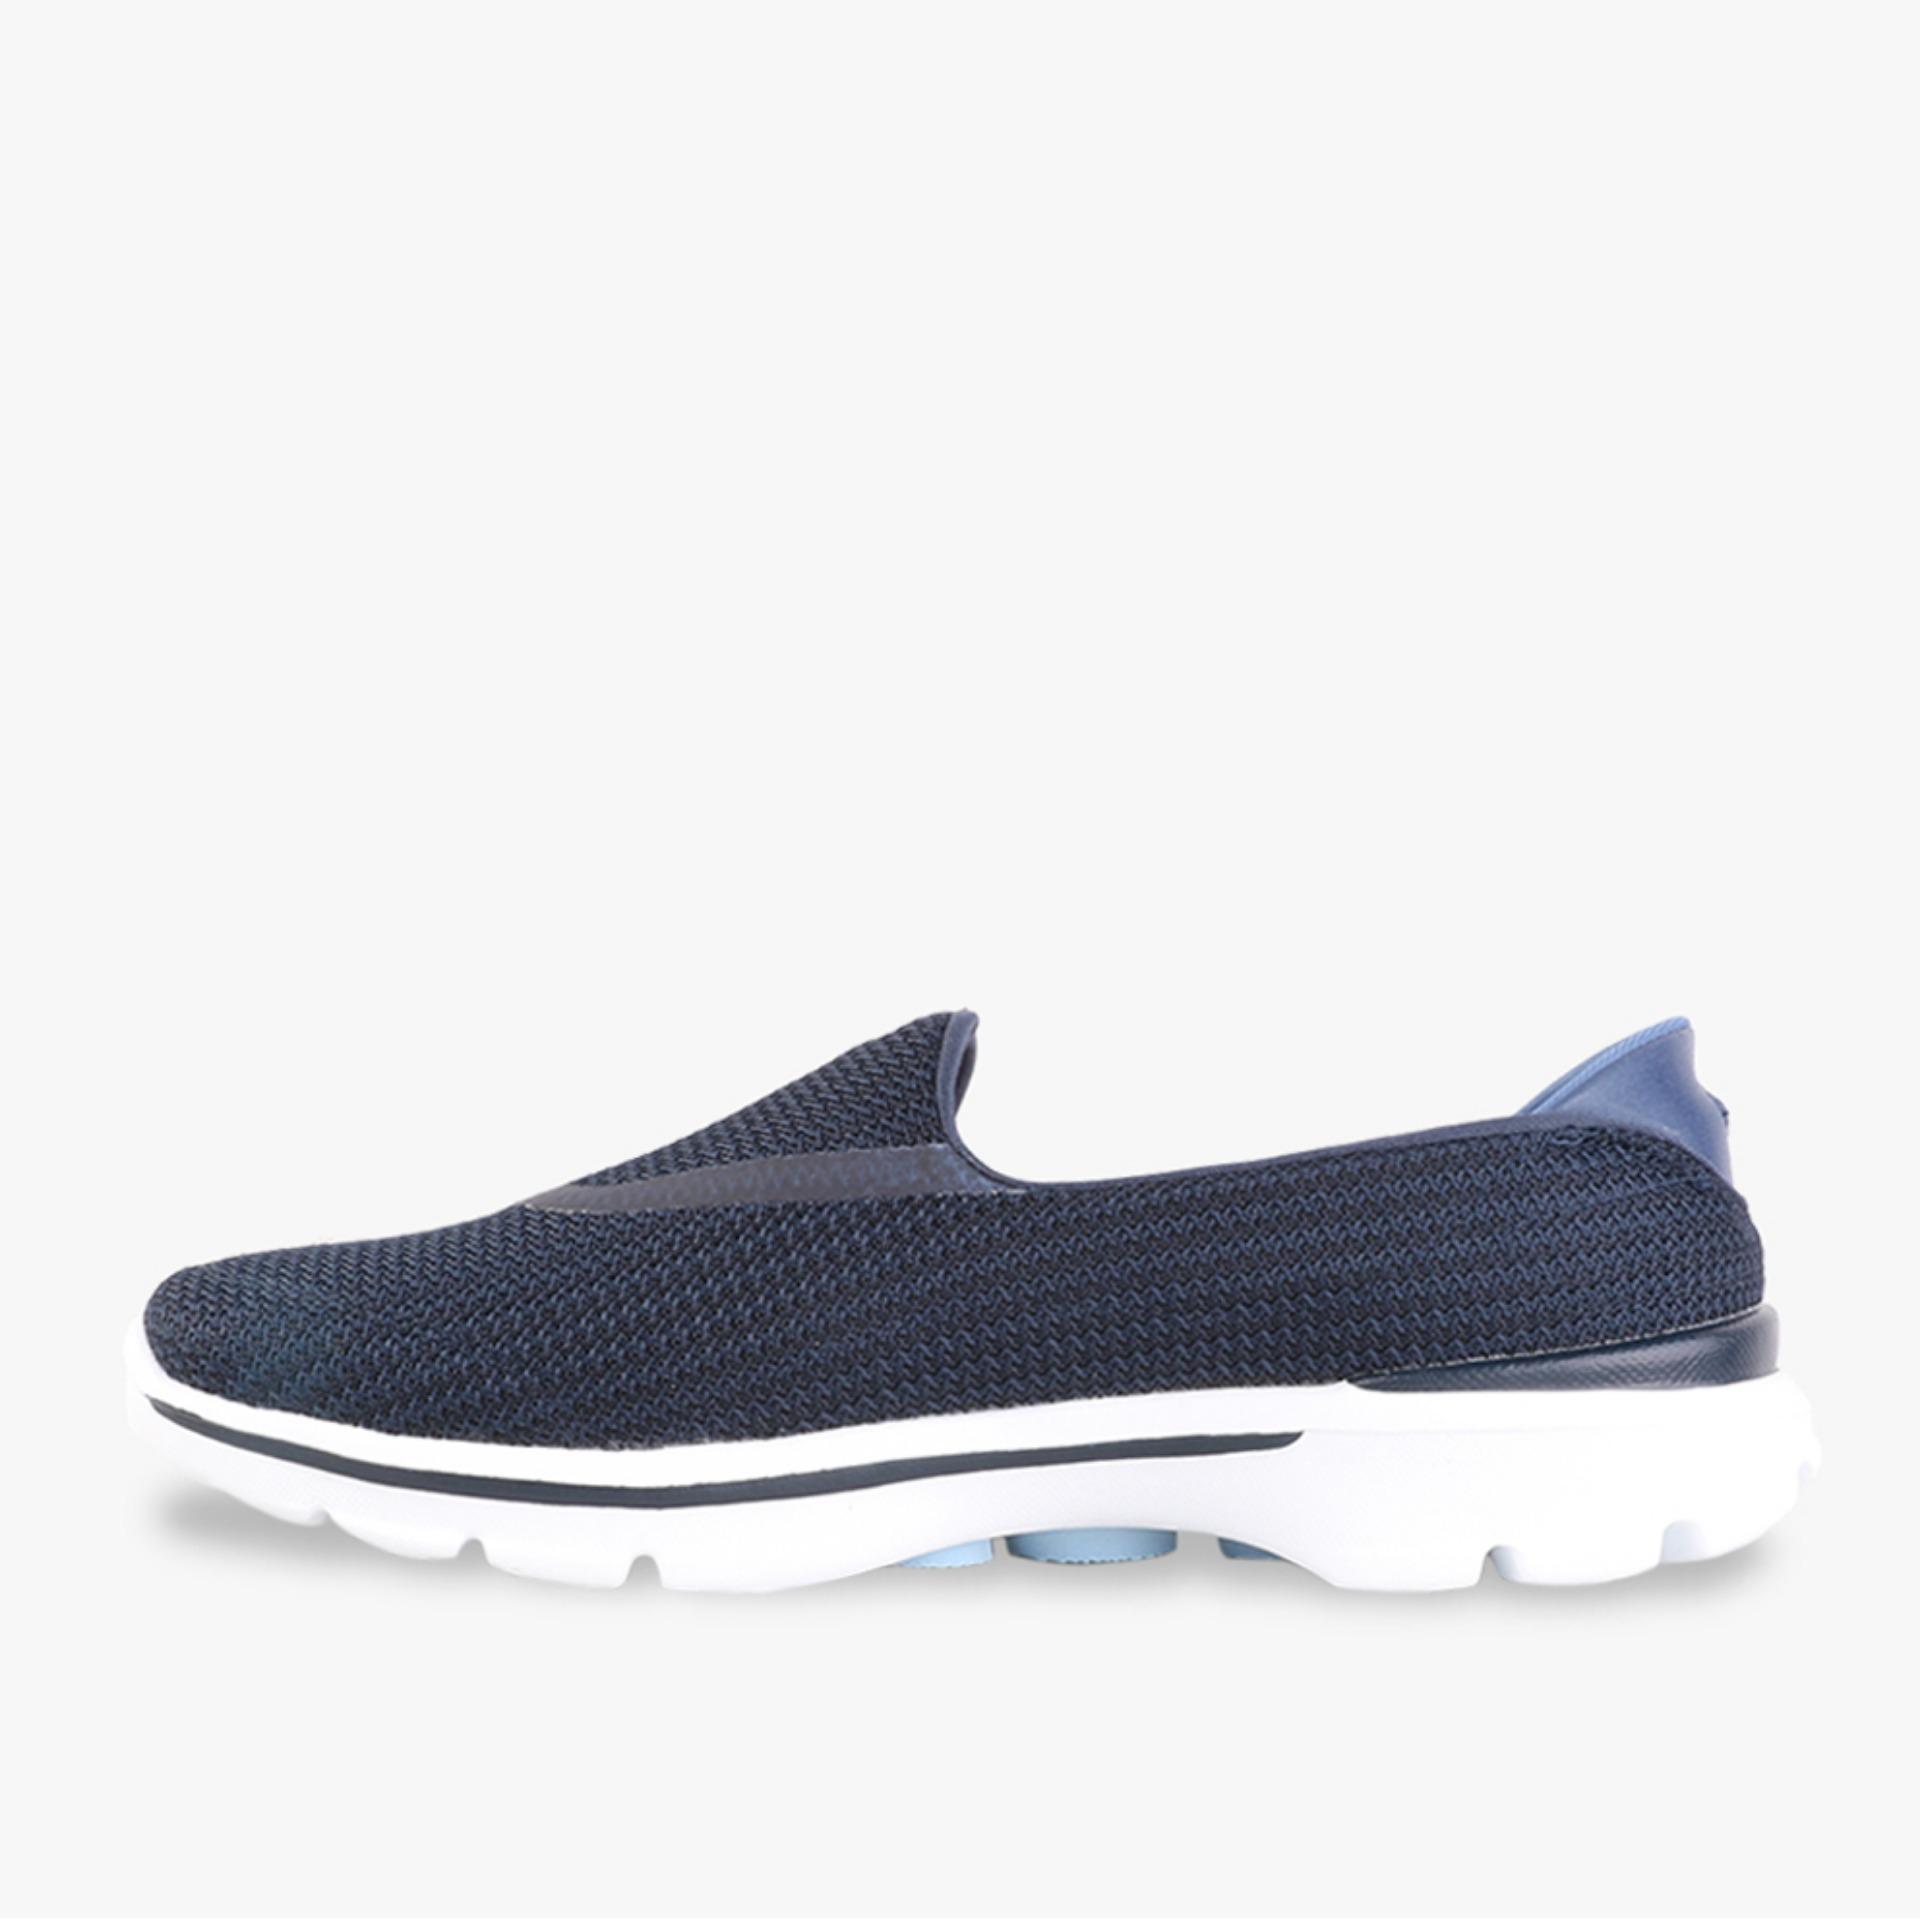 Skechers Gowalk 3 Womens Sneakers Hitam - Daftar Harga Terlengkap ... ac19bdbf24